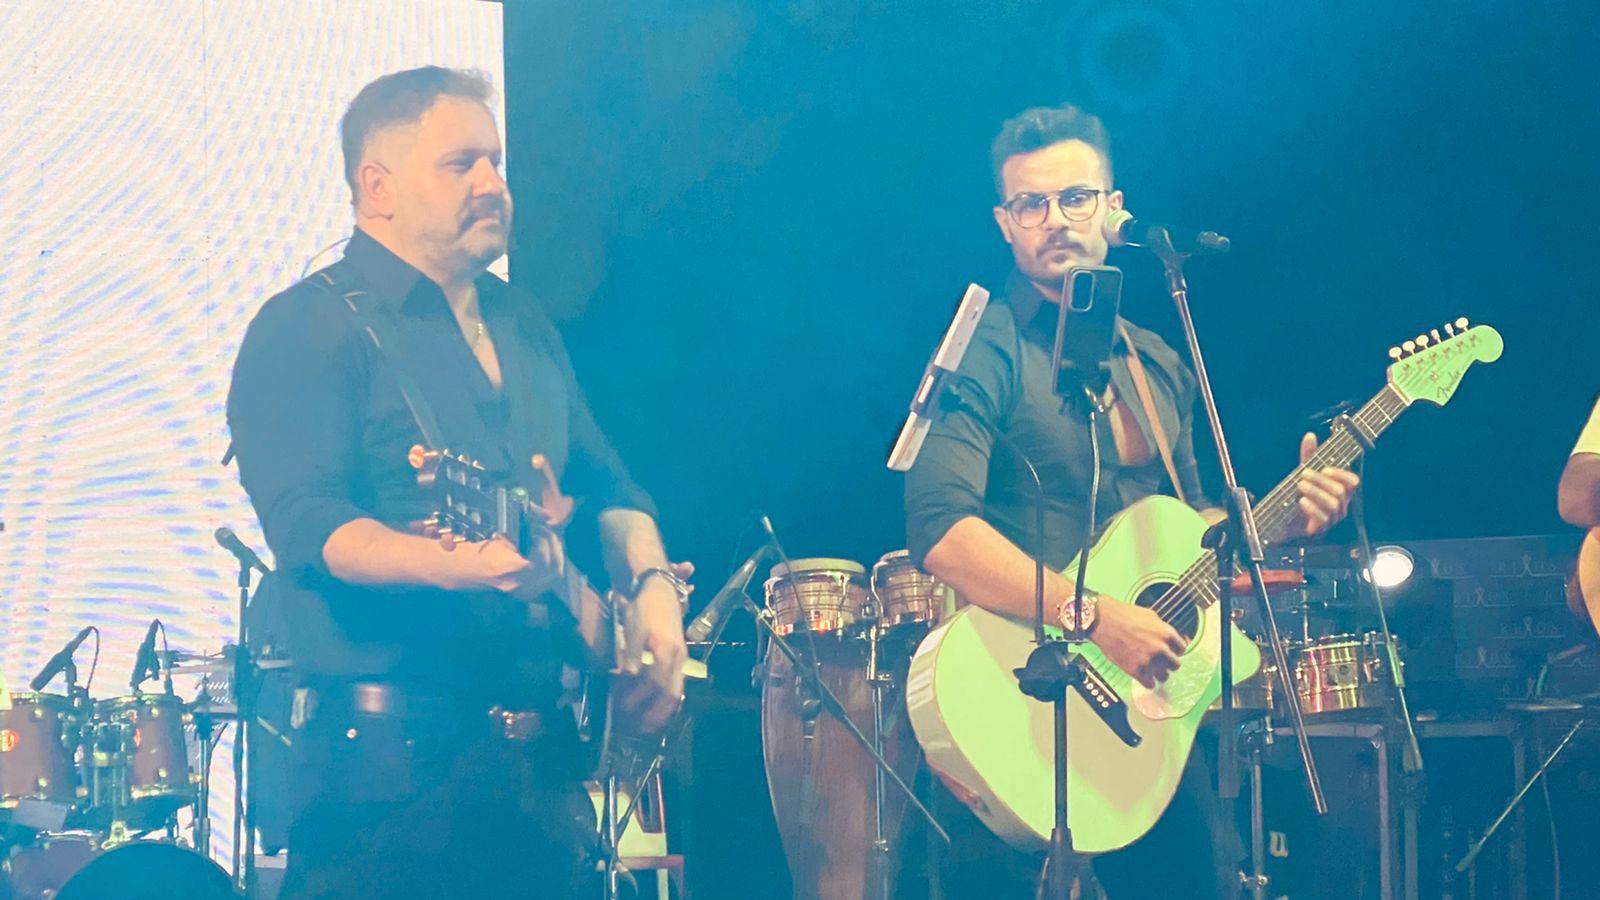 إدوارد وفريقه جيبسي يحيان حفل غنائي في شرم الشيخ (5)